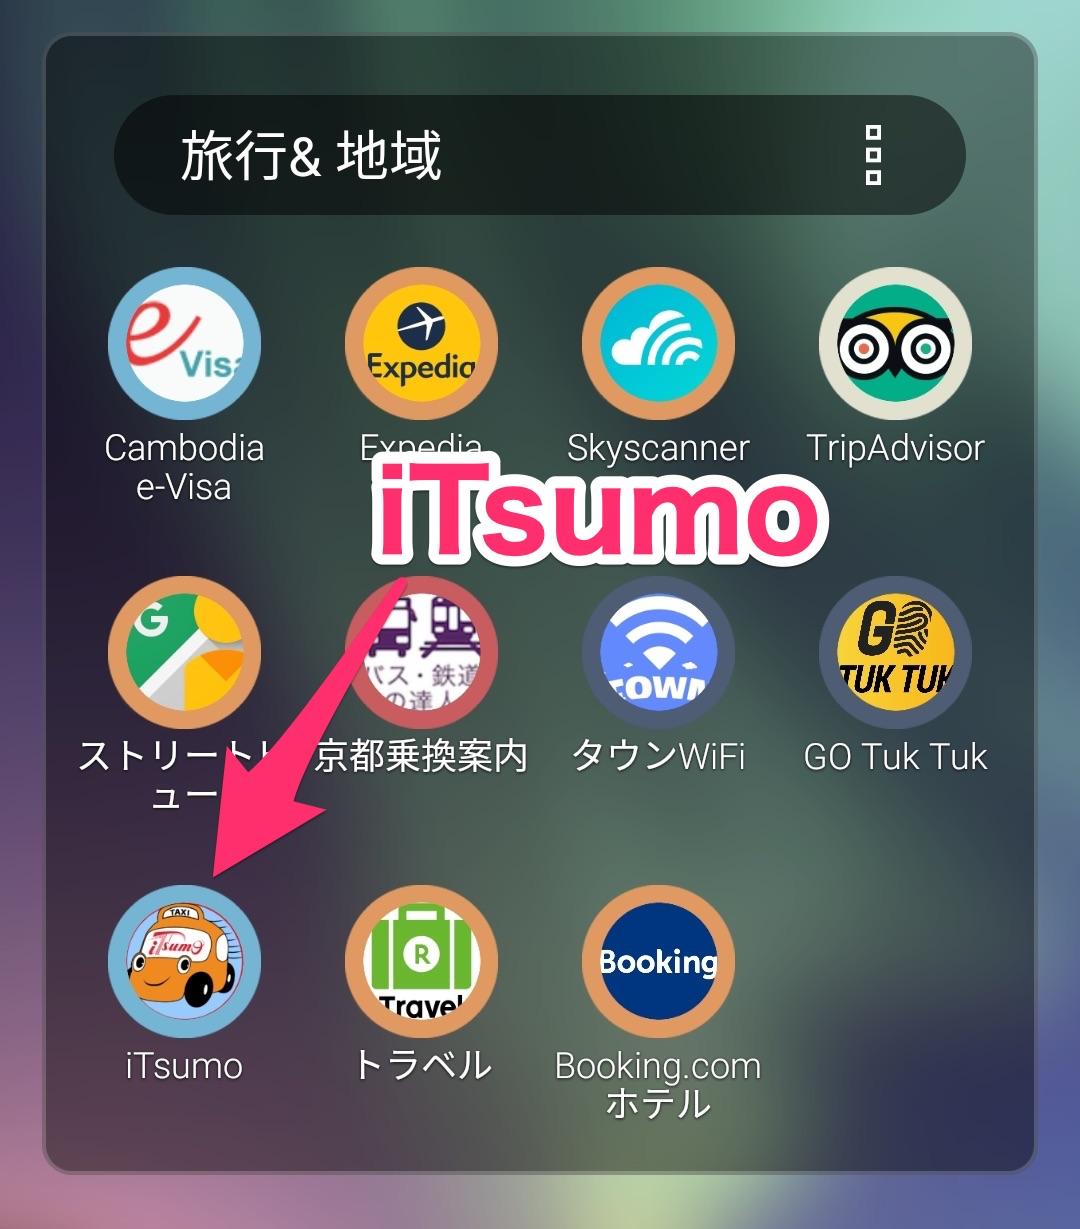 iTsumoを起動する